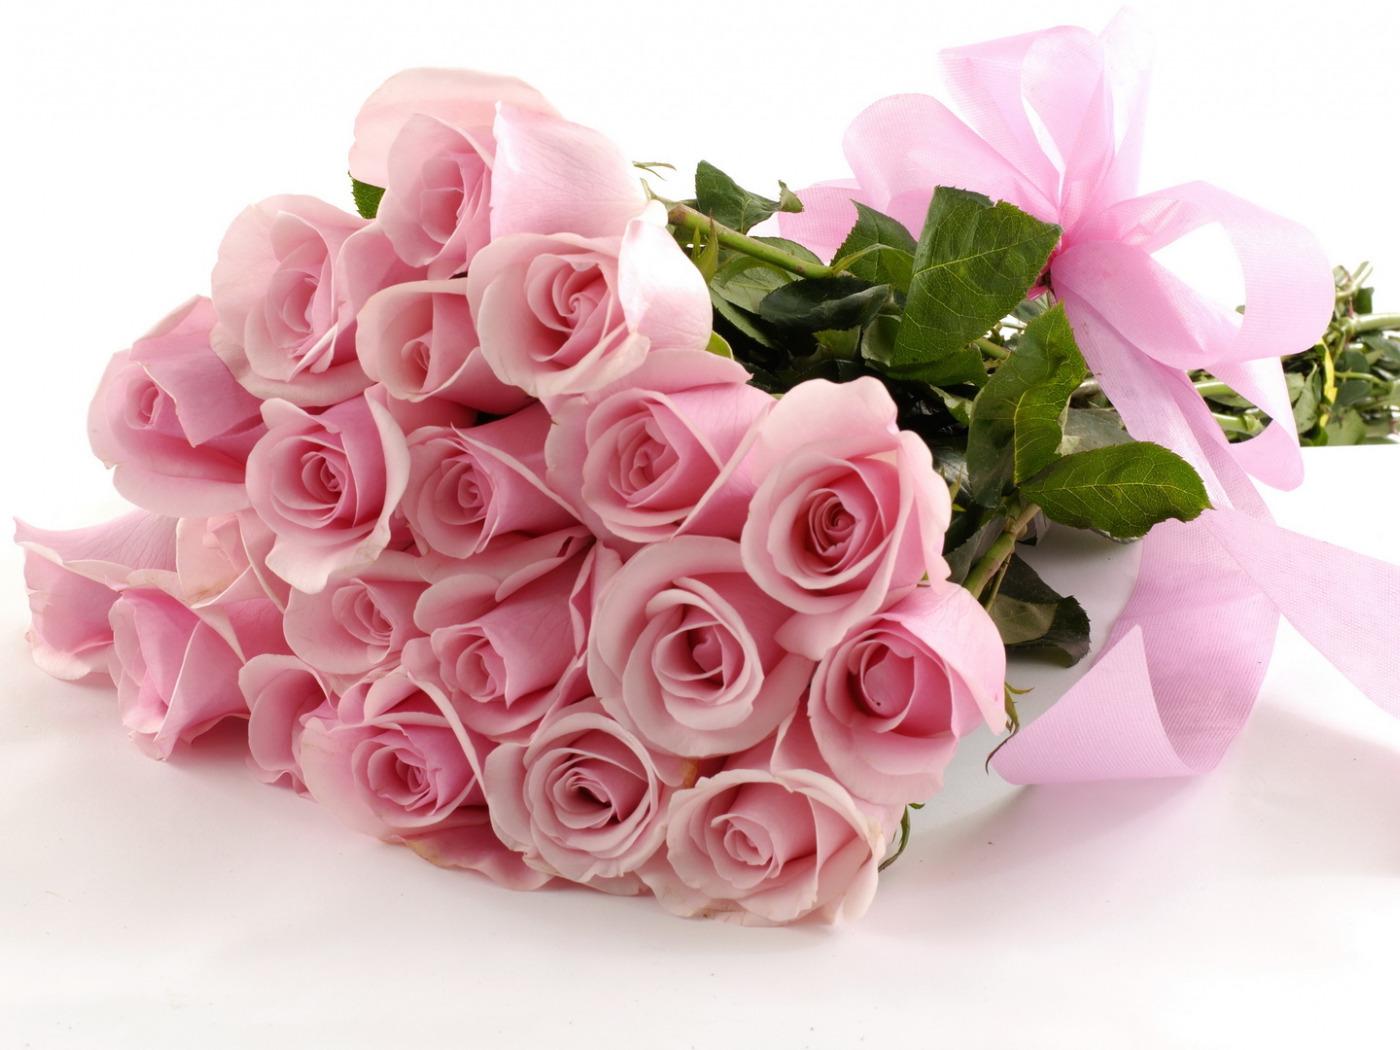 cvety-rozy-lenta.jpg